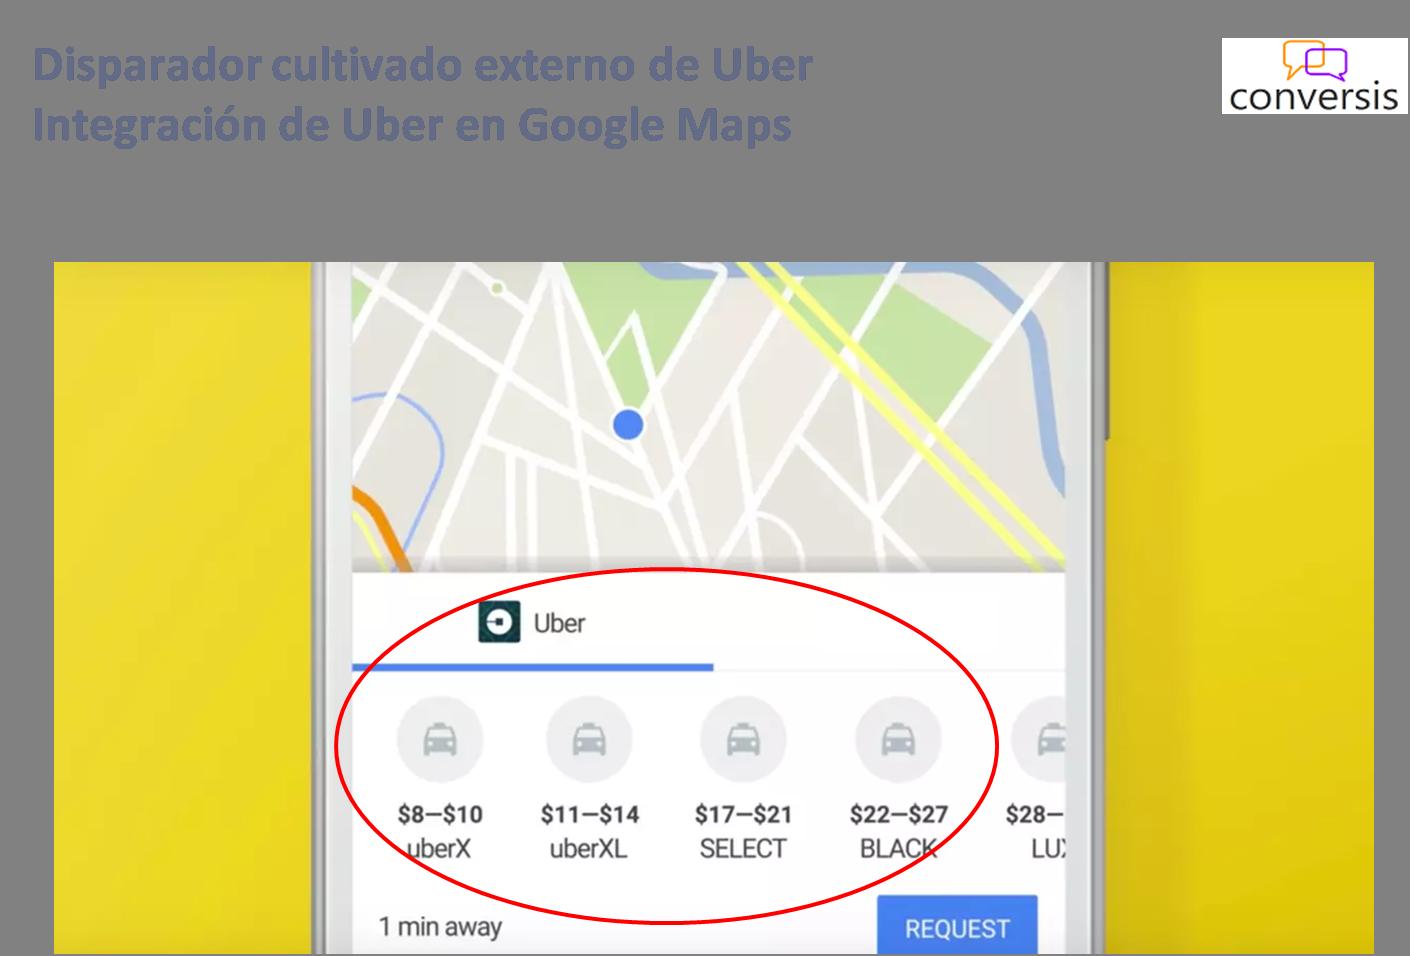 Disparador cultivado externo de Uber